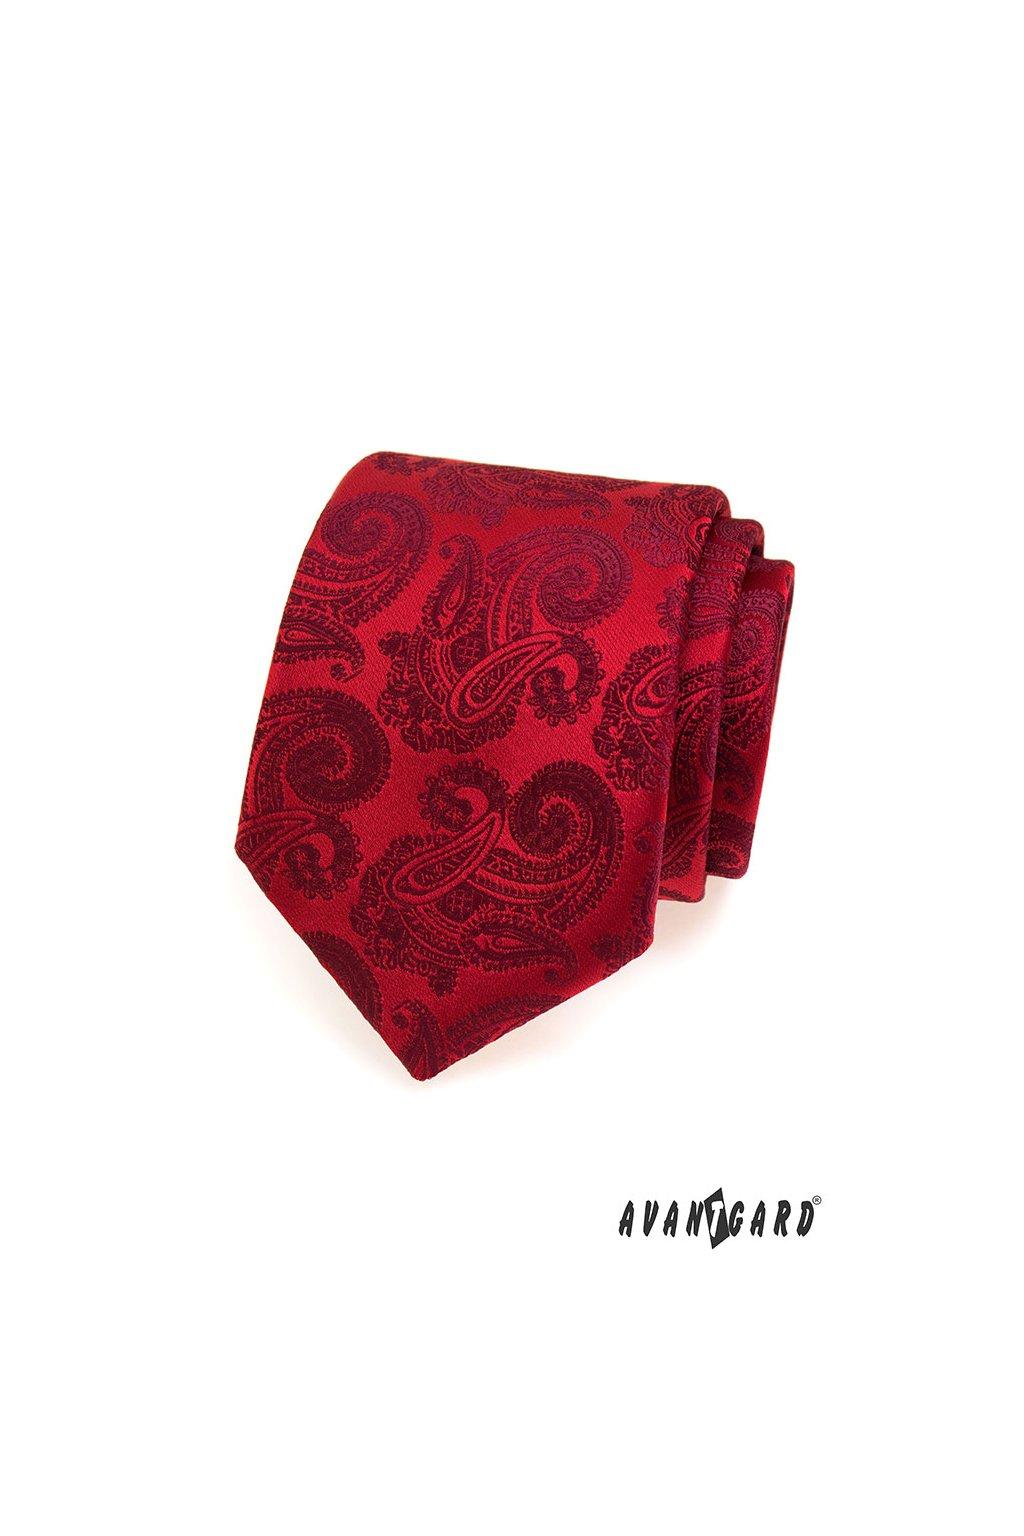 Červená luxusní kravata s ornamenty 561 - 43